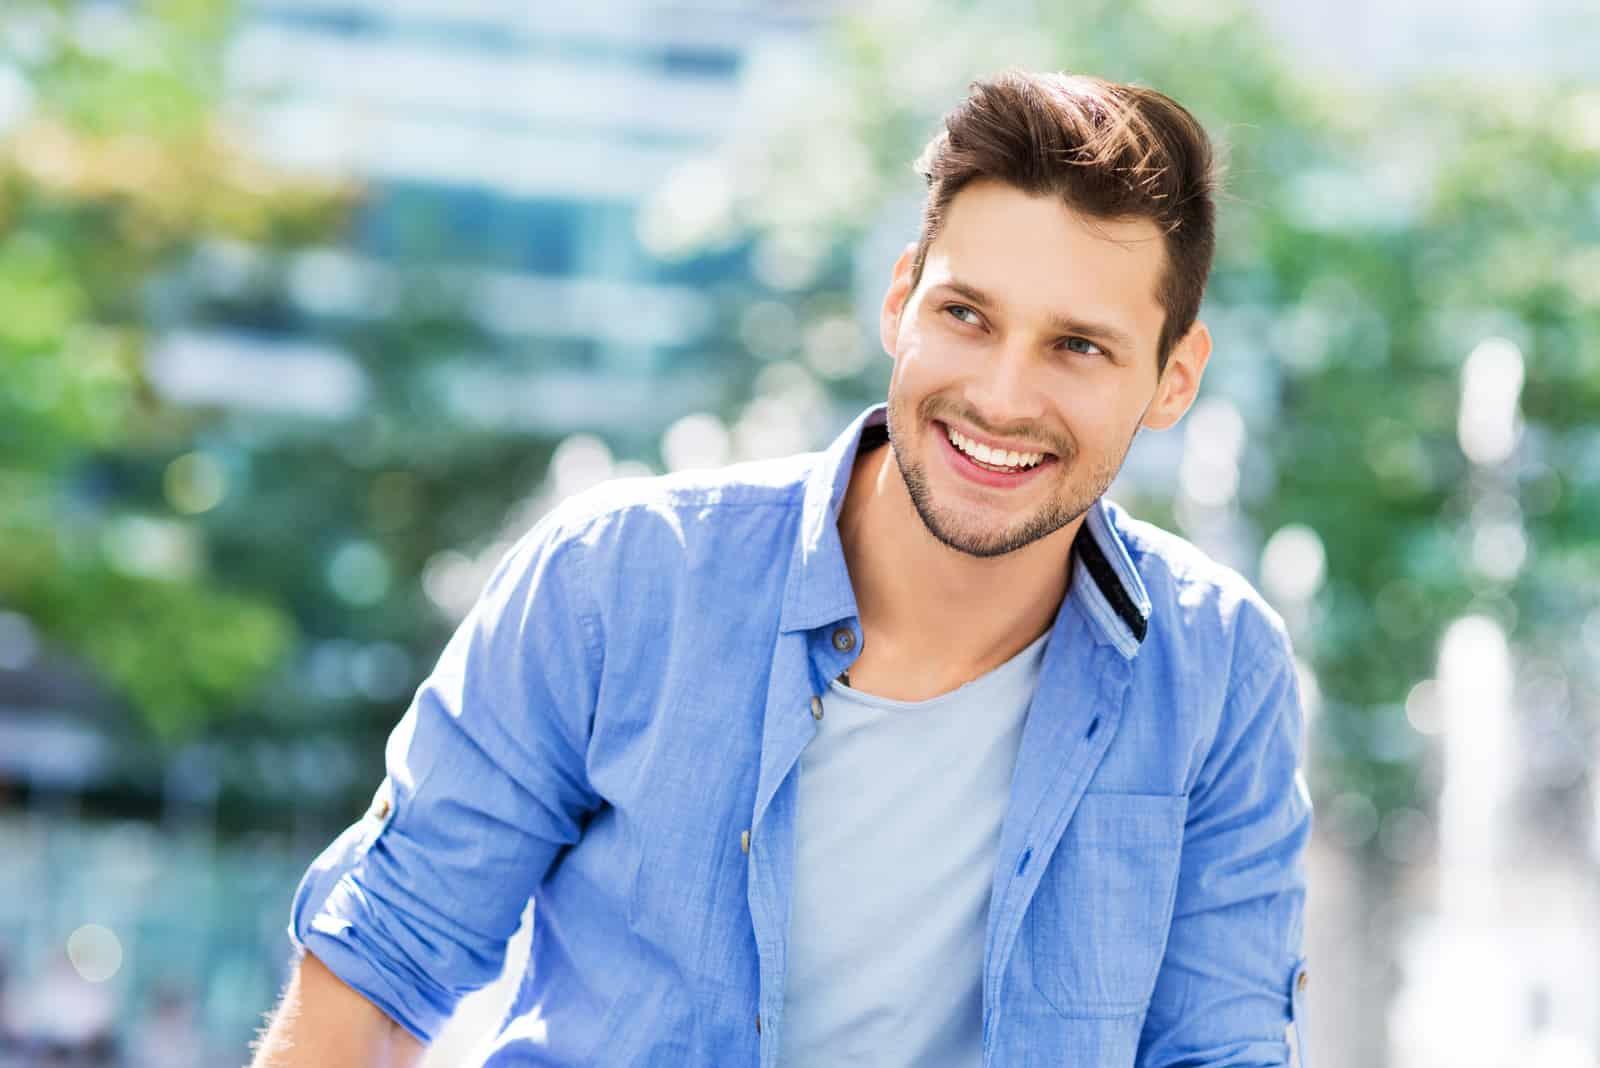 ein Porträt eines lächelnden Mannes in einem blauen Hemd